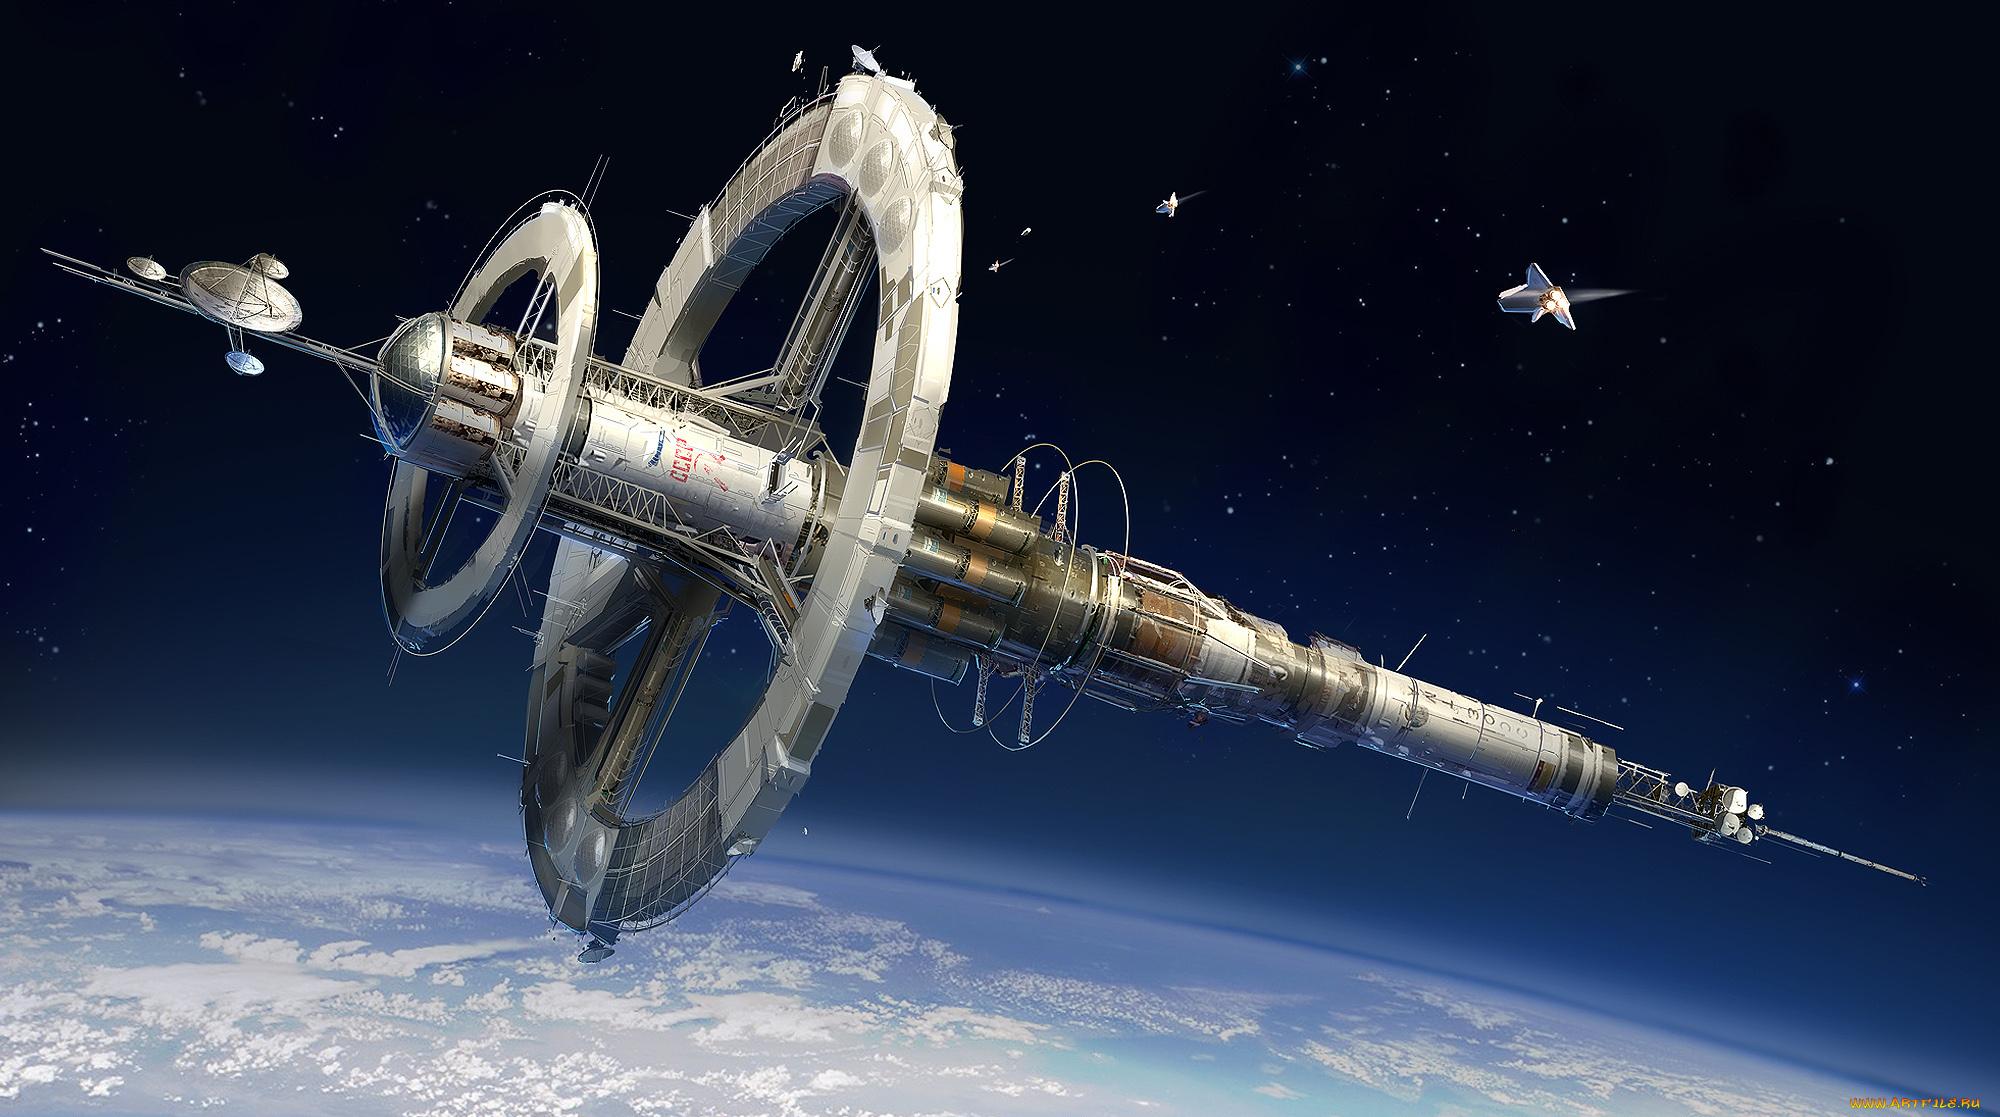 nasa future spaceship - HD1600×900